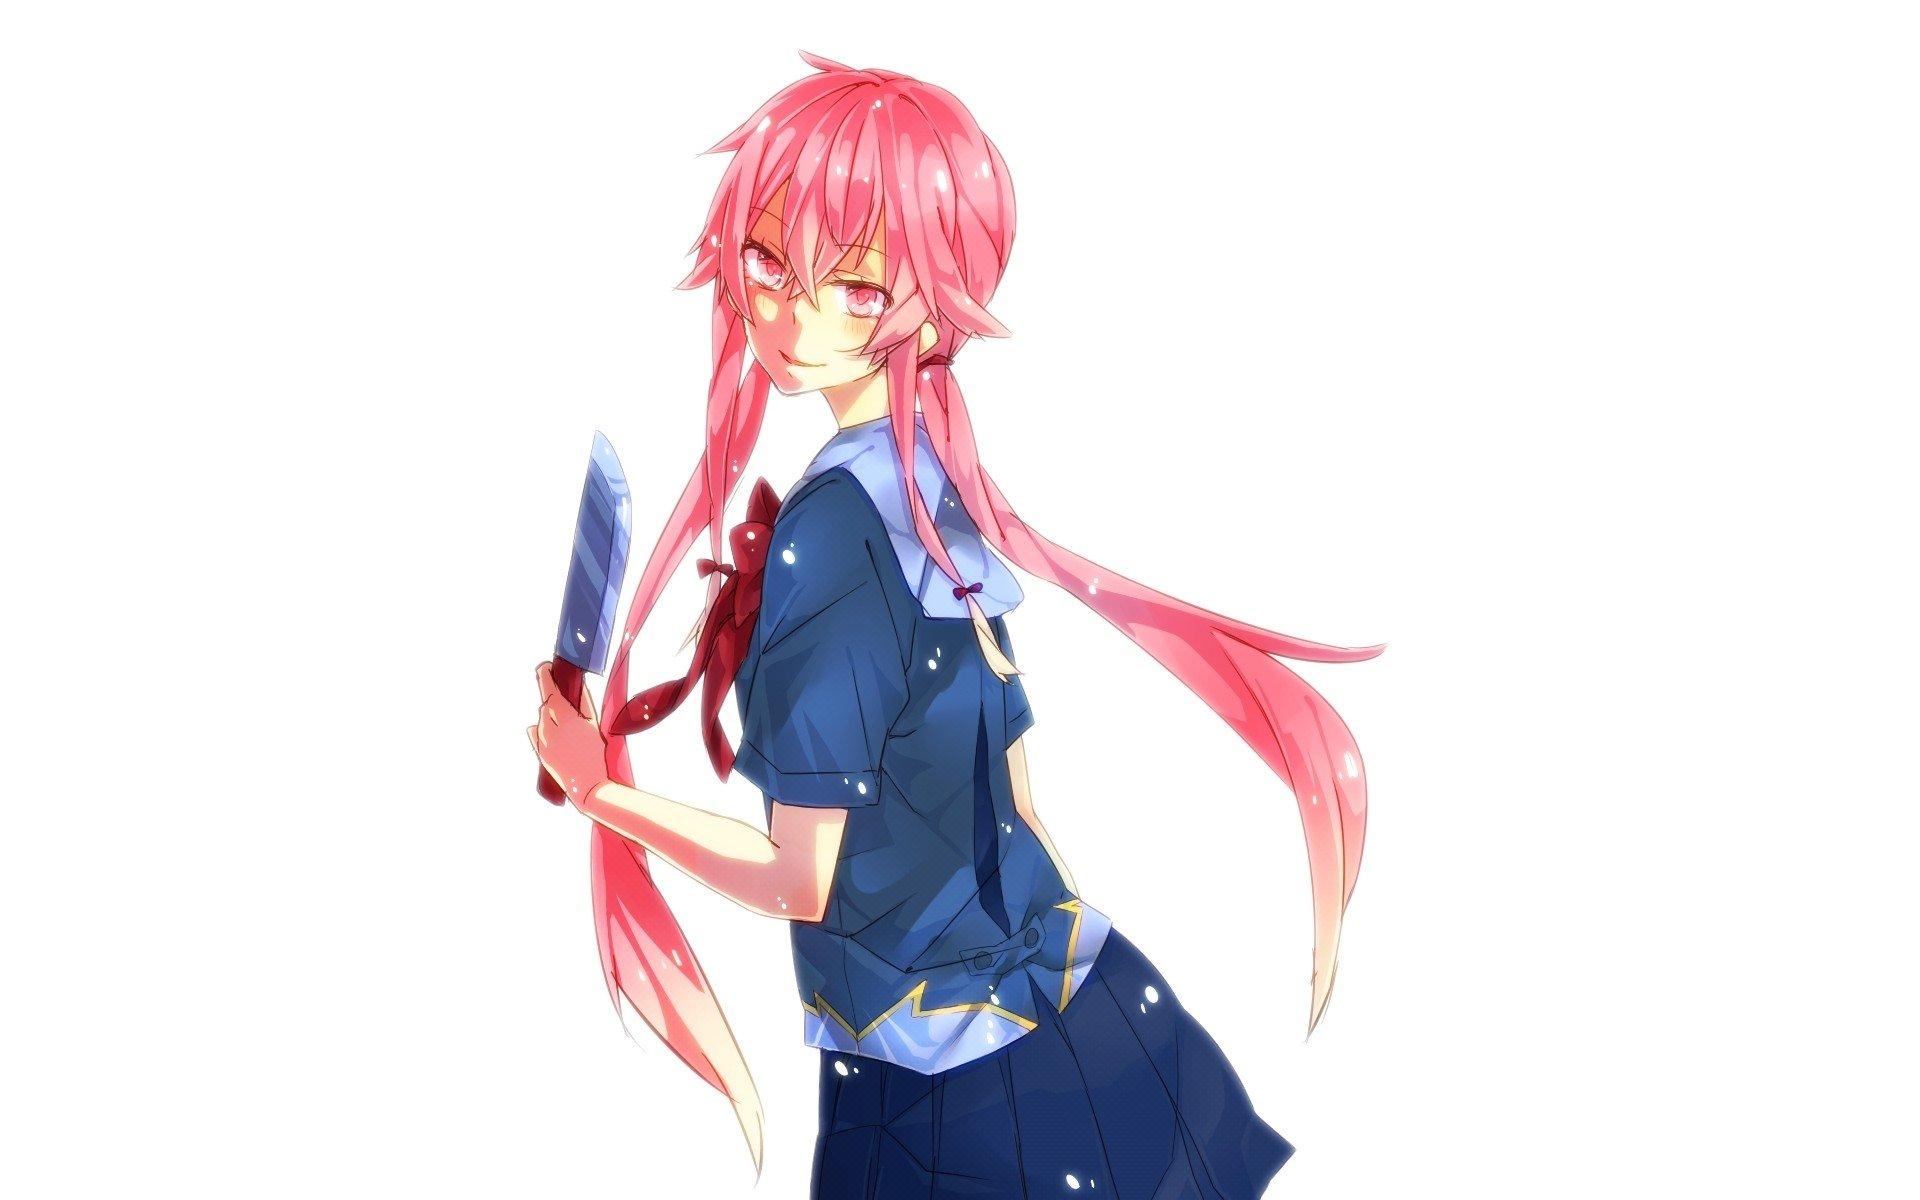 Gasai Yuno - Mirai Nikki HD Wallpaper   Background Image ...